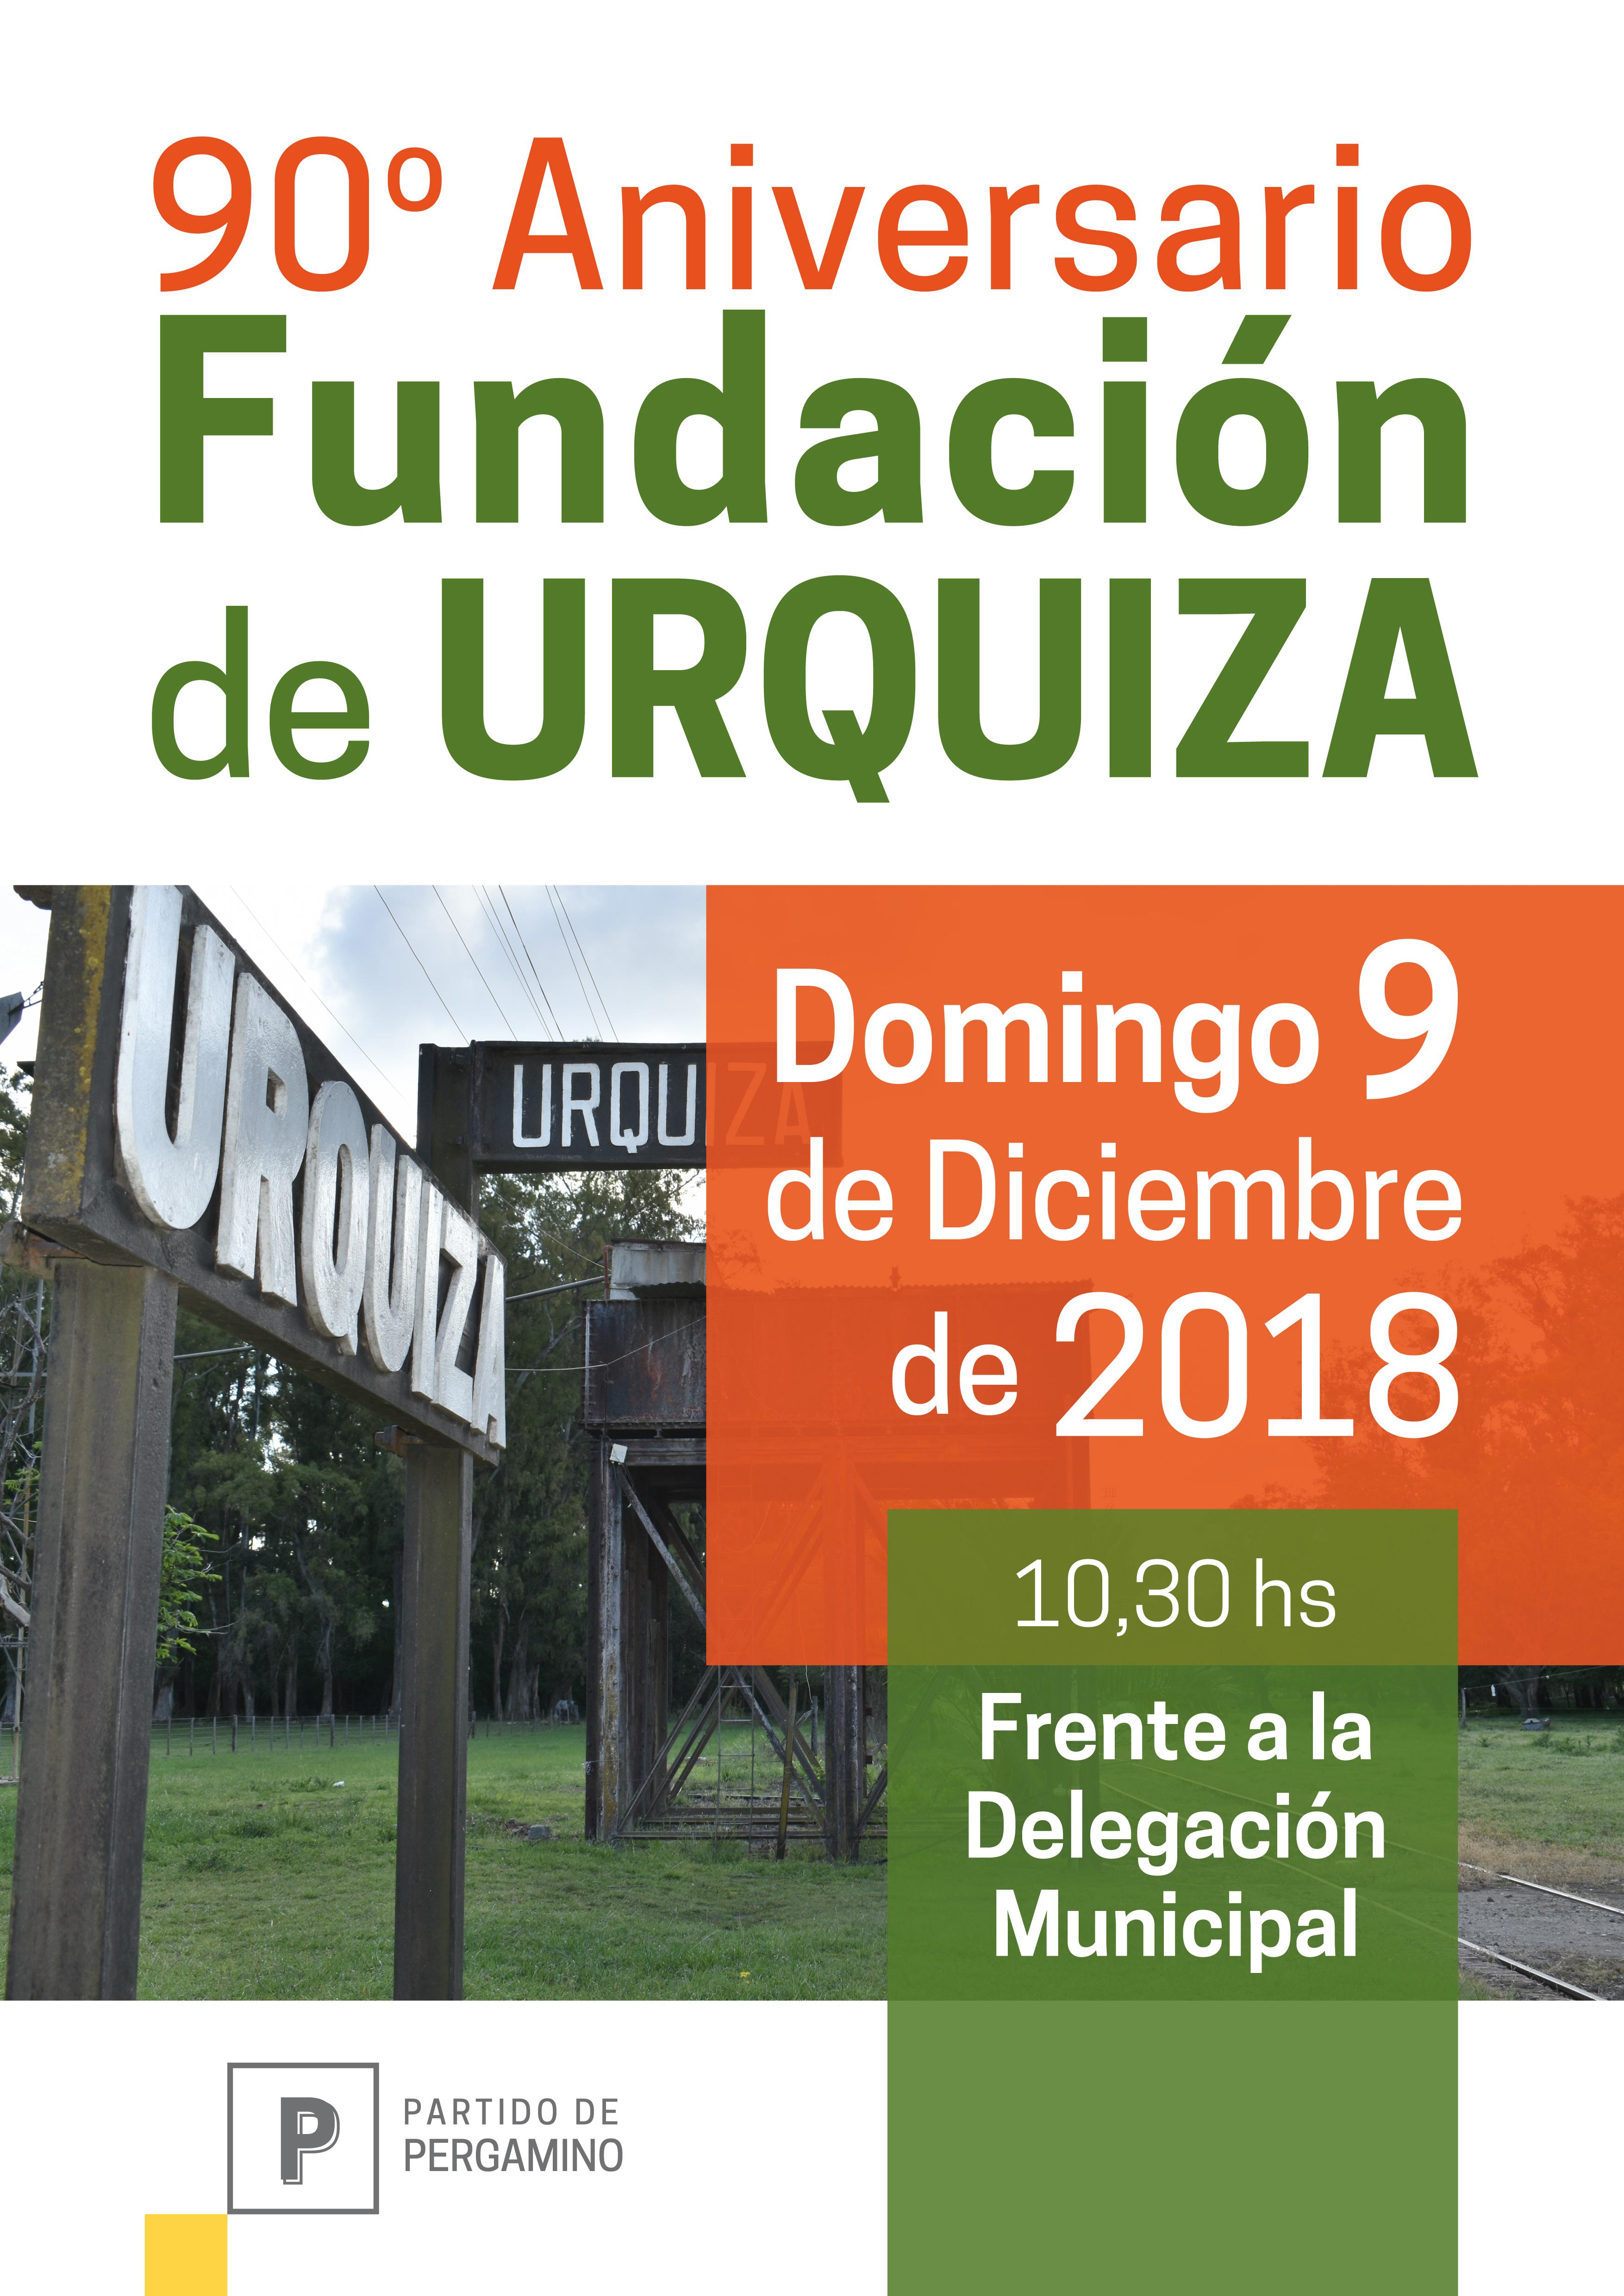 AFICHE 90 años URQUIZA-01